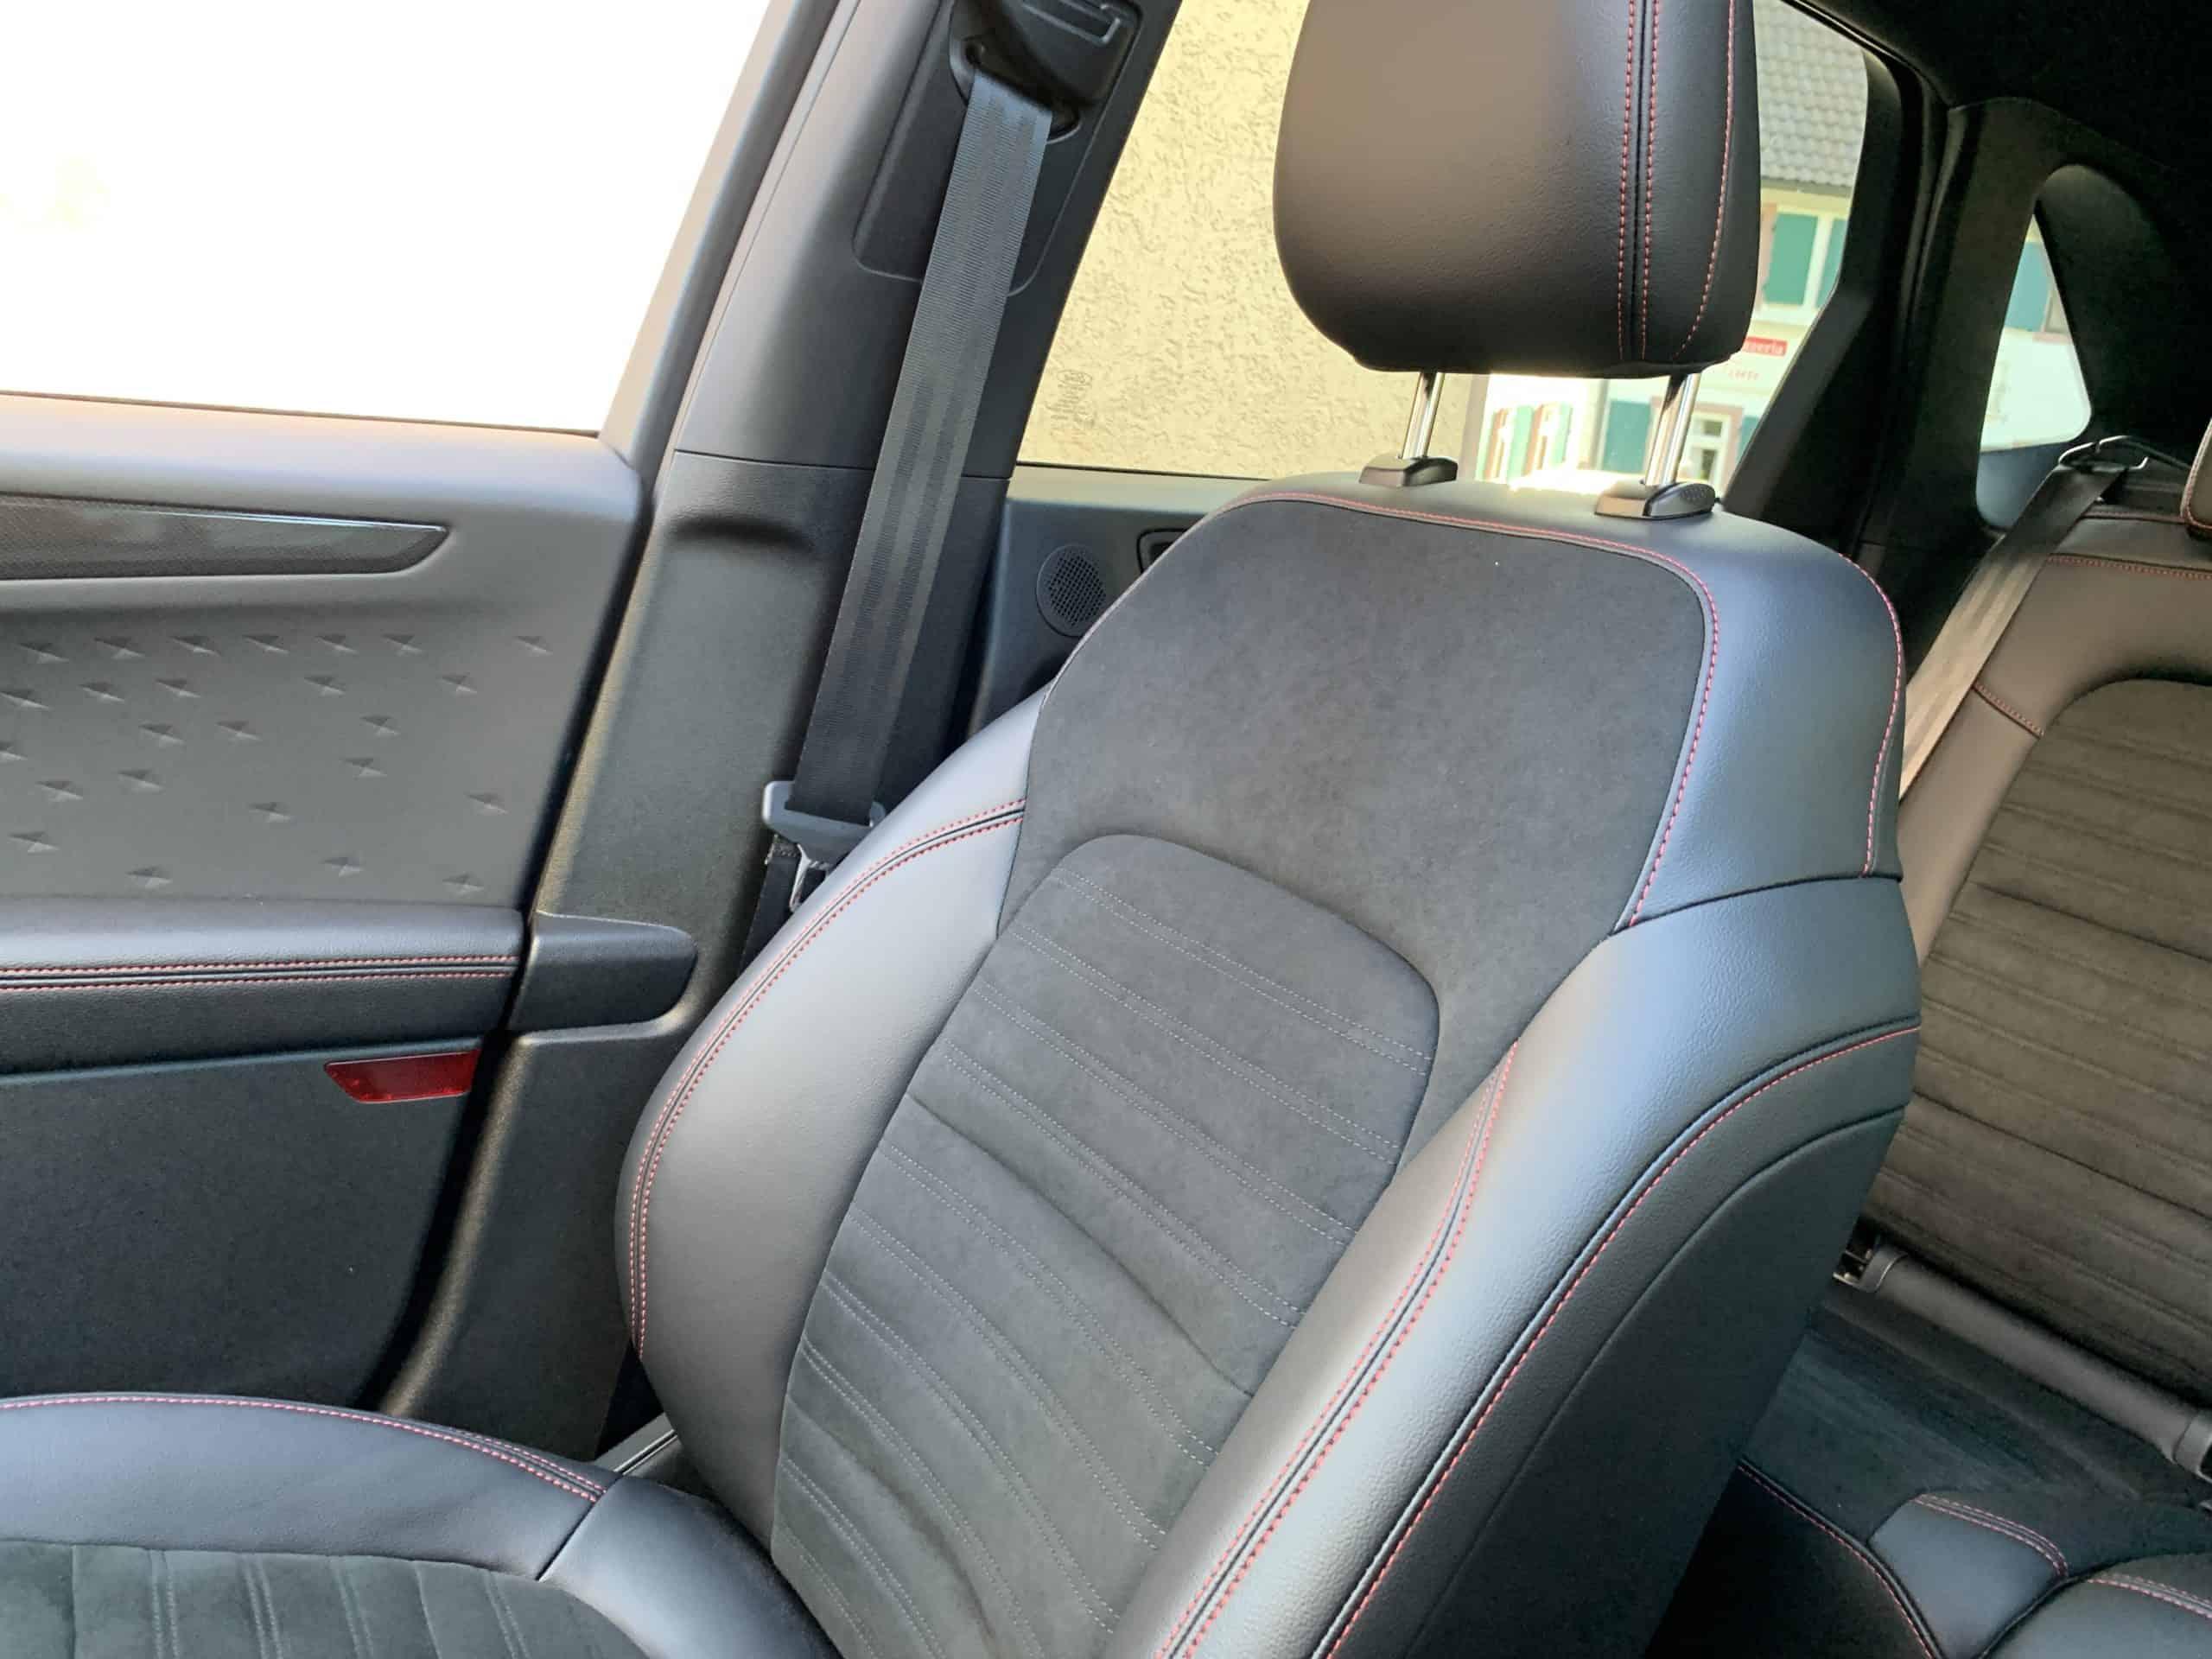 Ford Kuga mit Plug-in Hybrid-Antrieb (2020) -  Zukunftstauglichkeit eingebaut, Beifahrersitz